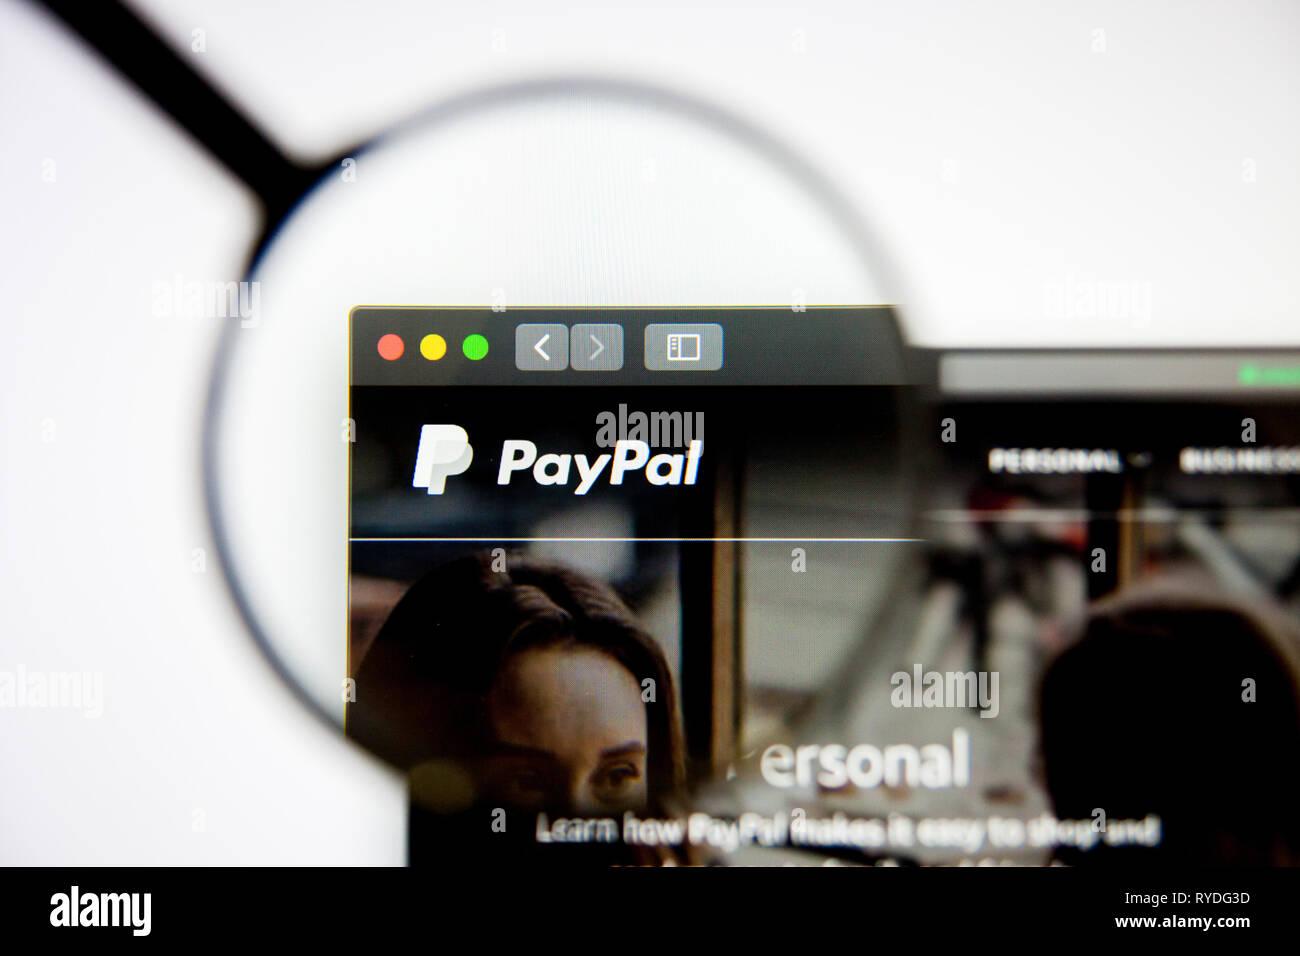 Los Angeles, Californie, USA - 5 mars 2019: Page d'accueil du site PayPal. Logo PayPal visible sur l'écran d'affichage, de rédaction d'illustration Photo Stock